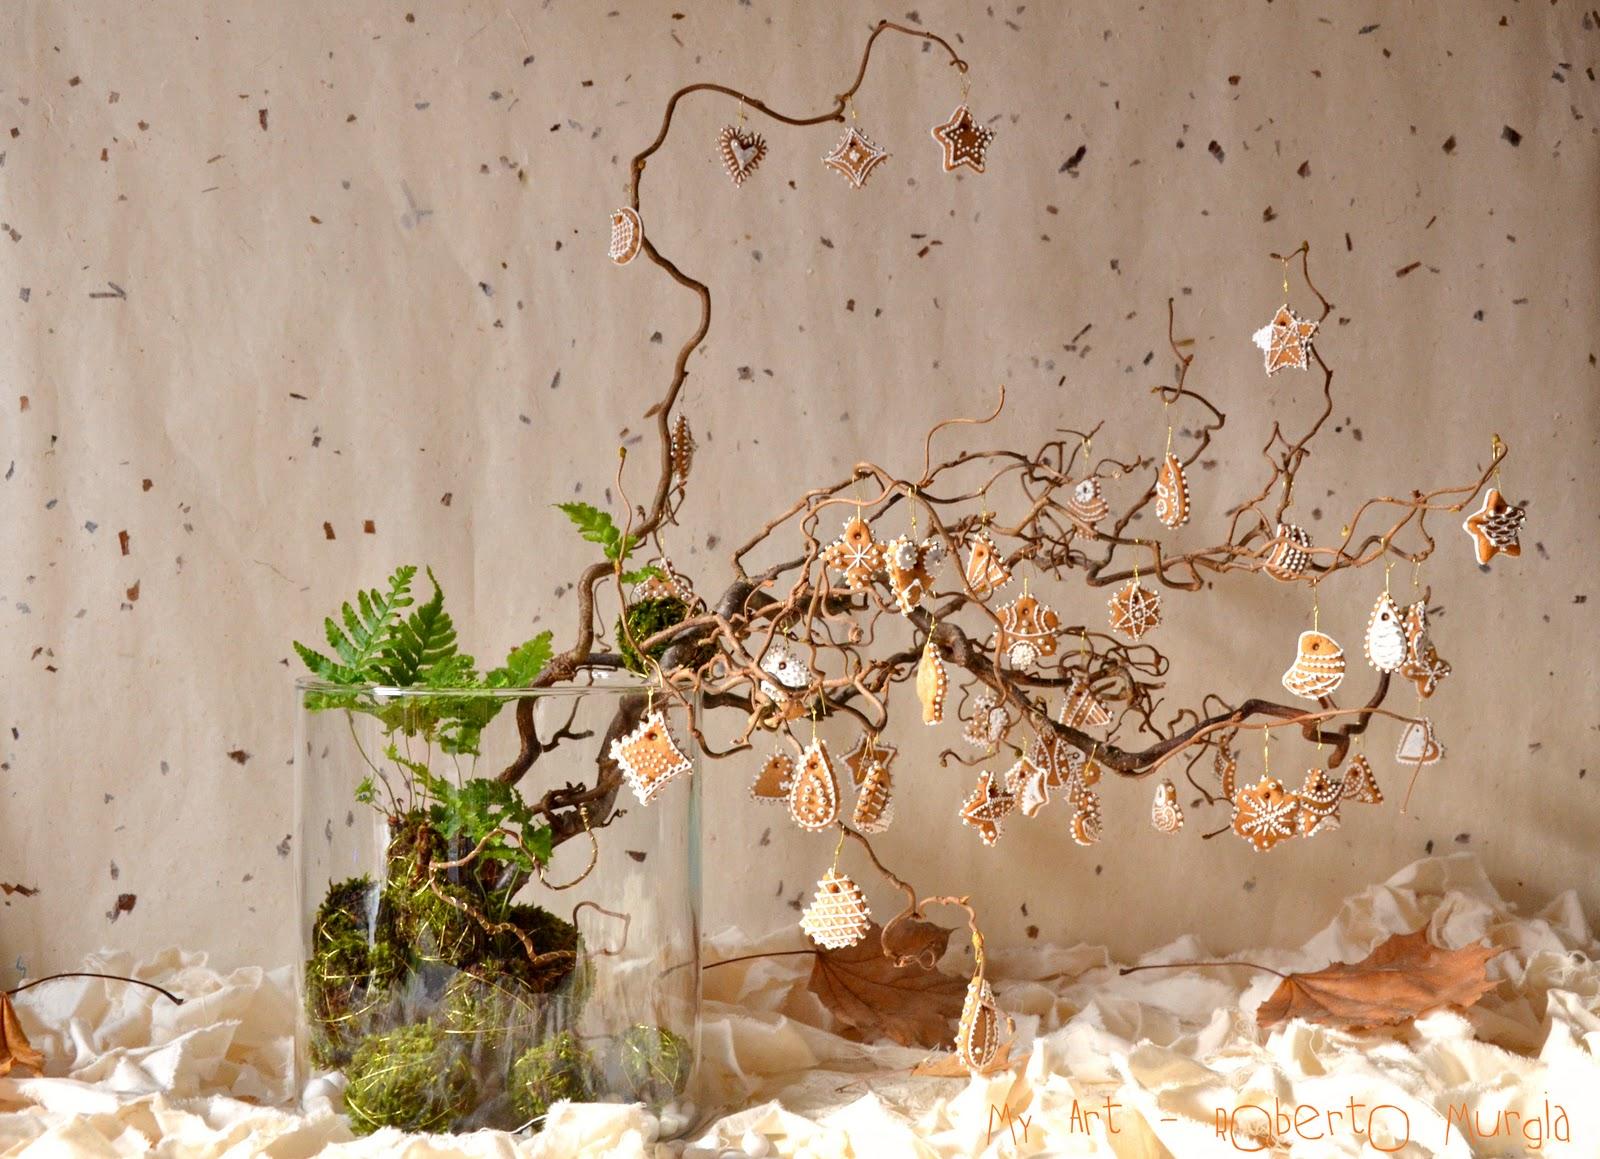 My art roberto murgia composizione tra natura e - Rami decorativi per vasi ...